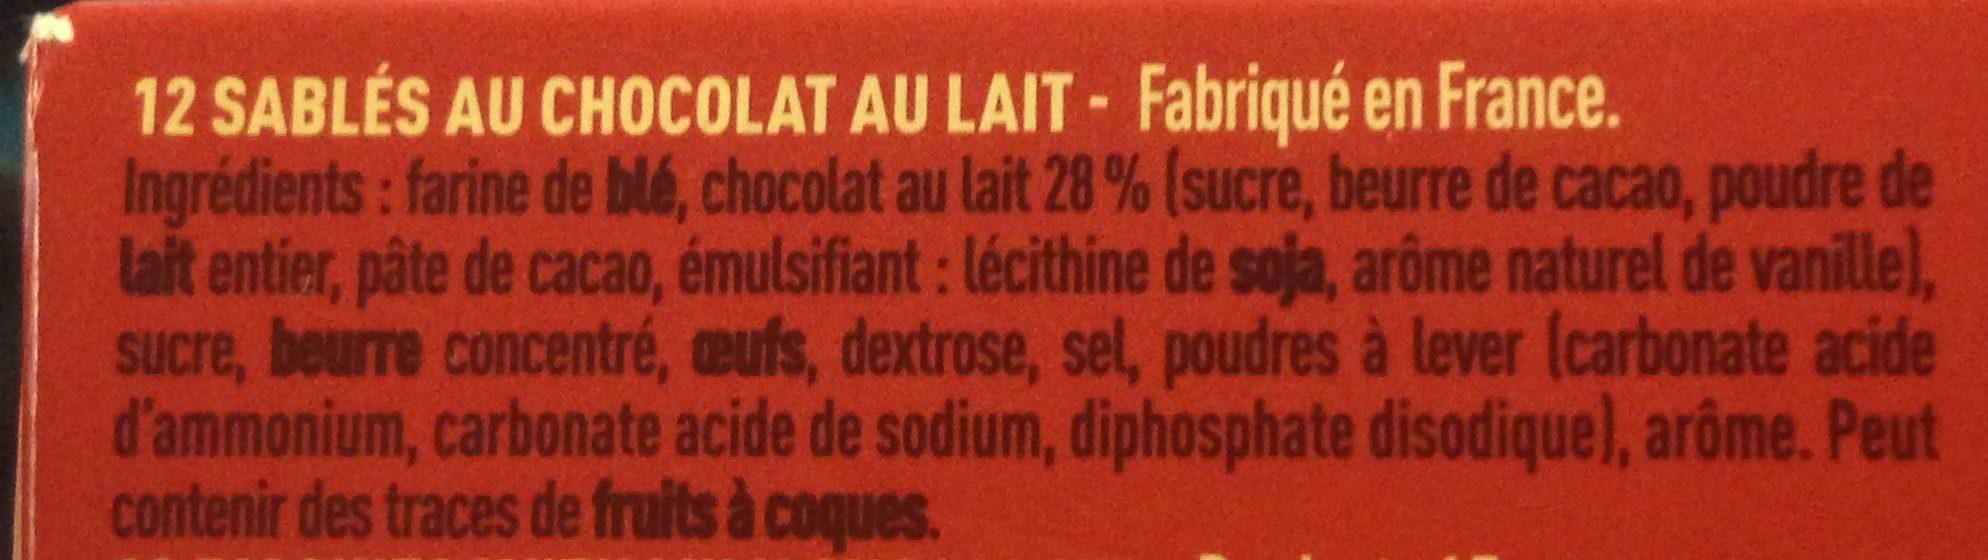 Charles VII Fondant Chocolat au Lait - Ingrédients - fr